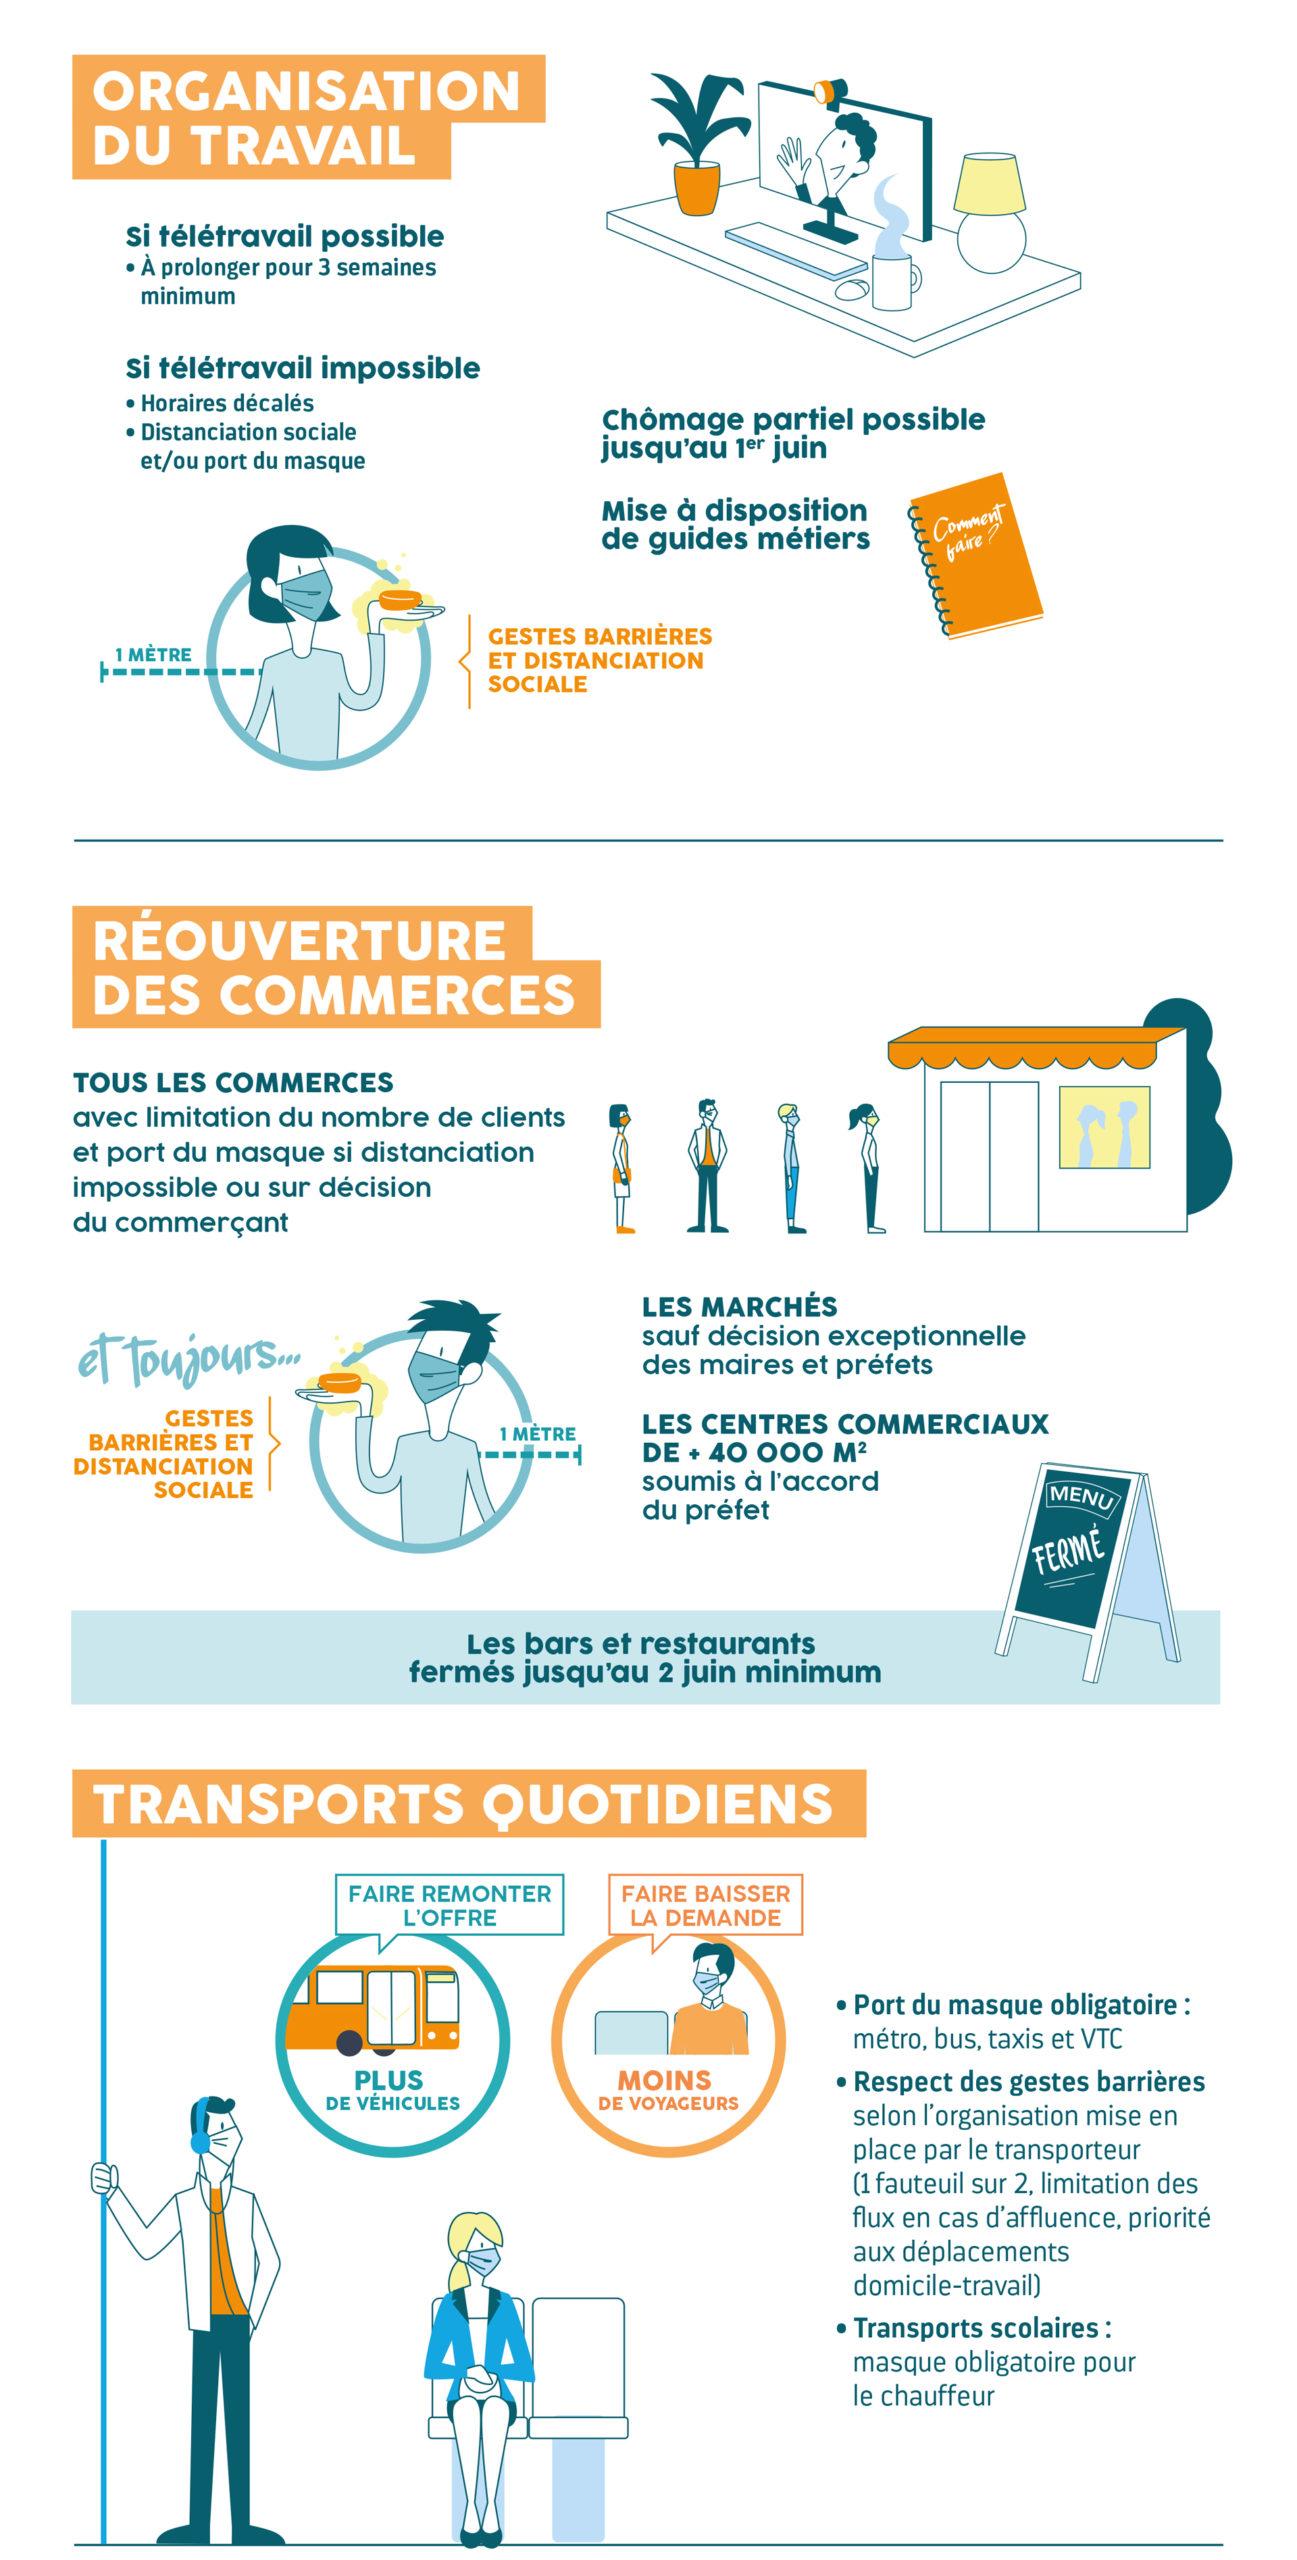 Infographie Du Discours Du Premier Ministre Assemblee Nationale Deconfinement2 Scaled